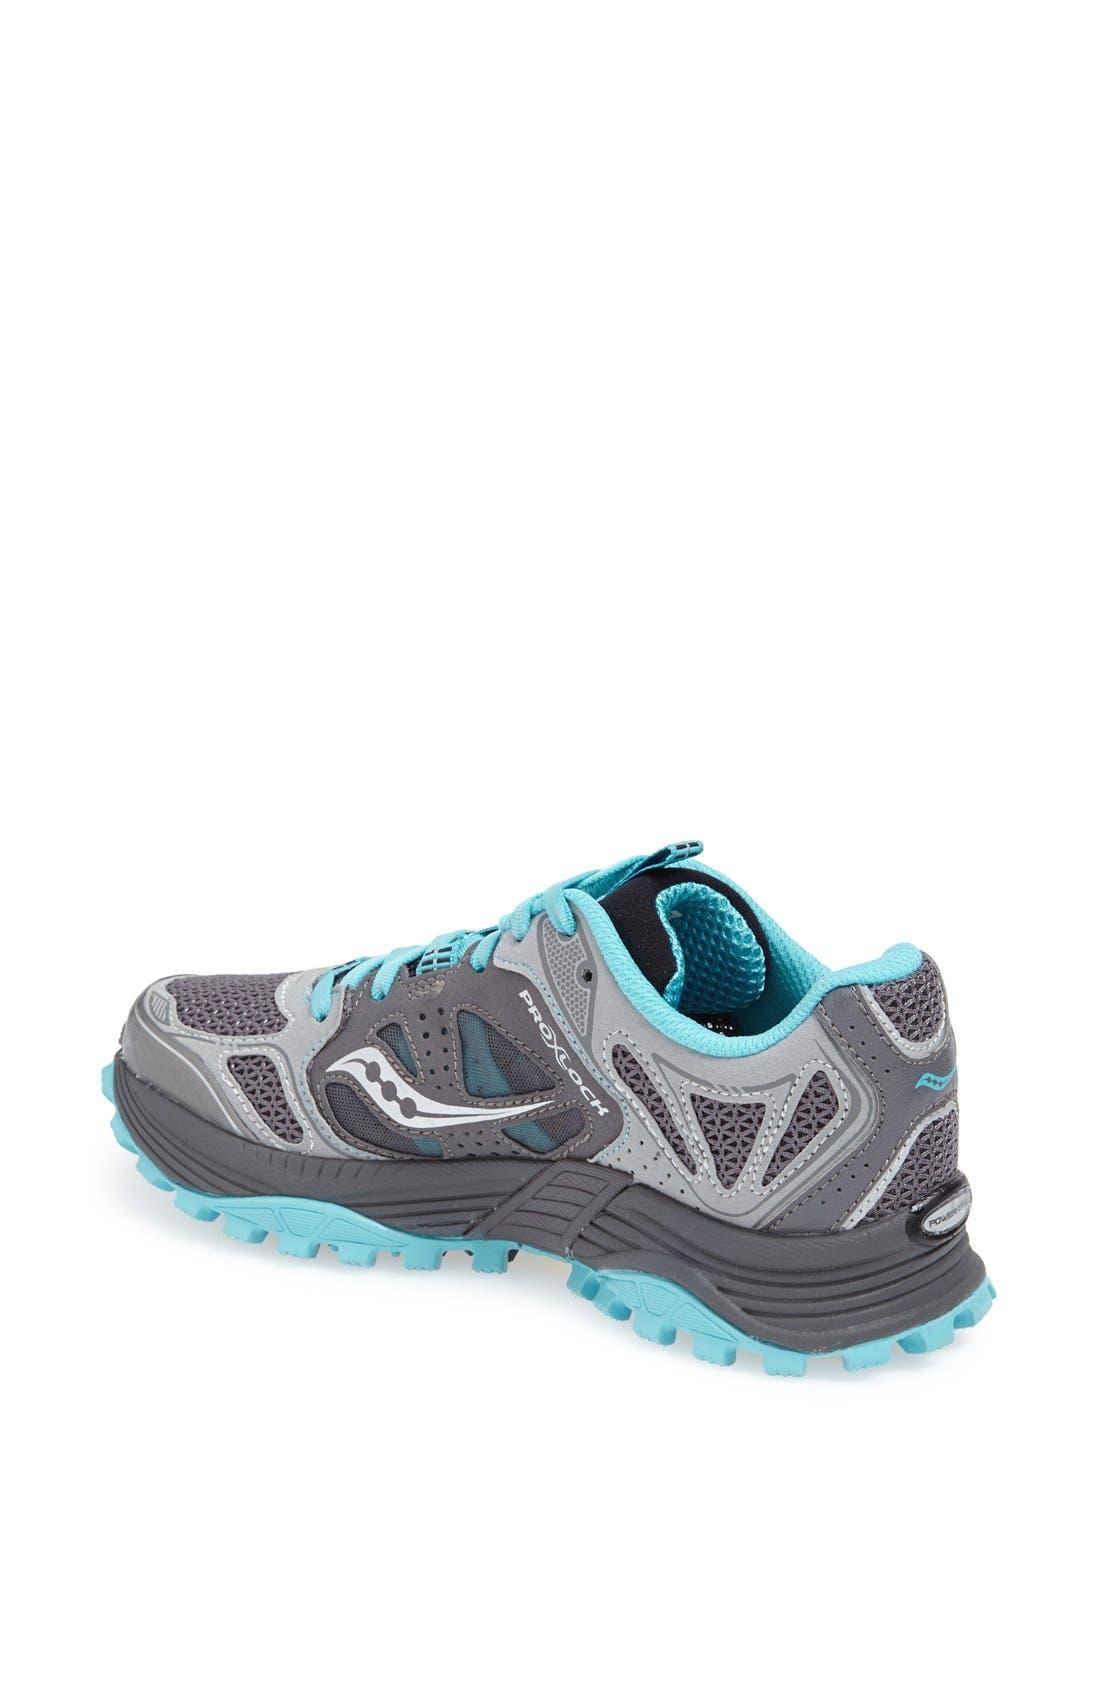 Alternate Image 2  - Saucony 'Xodus 4.0' Trail Running Shoe (Women)